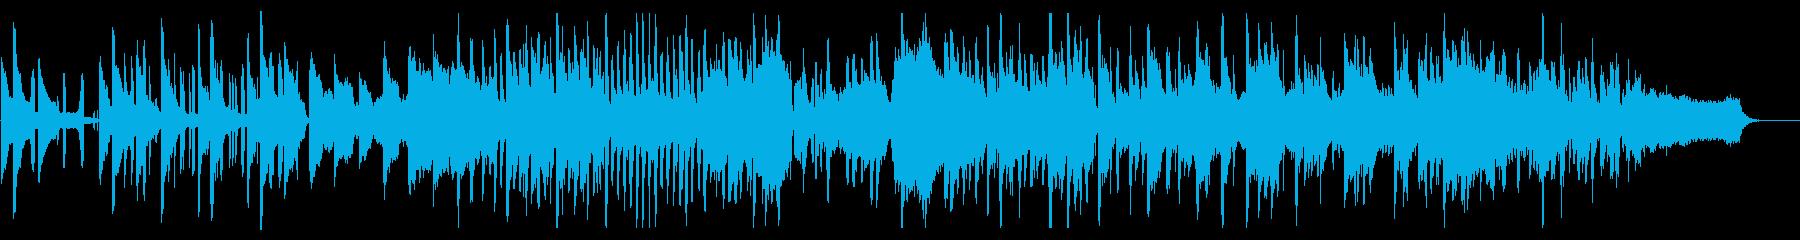 モダンなリズムの「もろびとこぞりて」の再生済みの波形